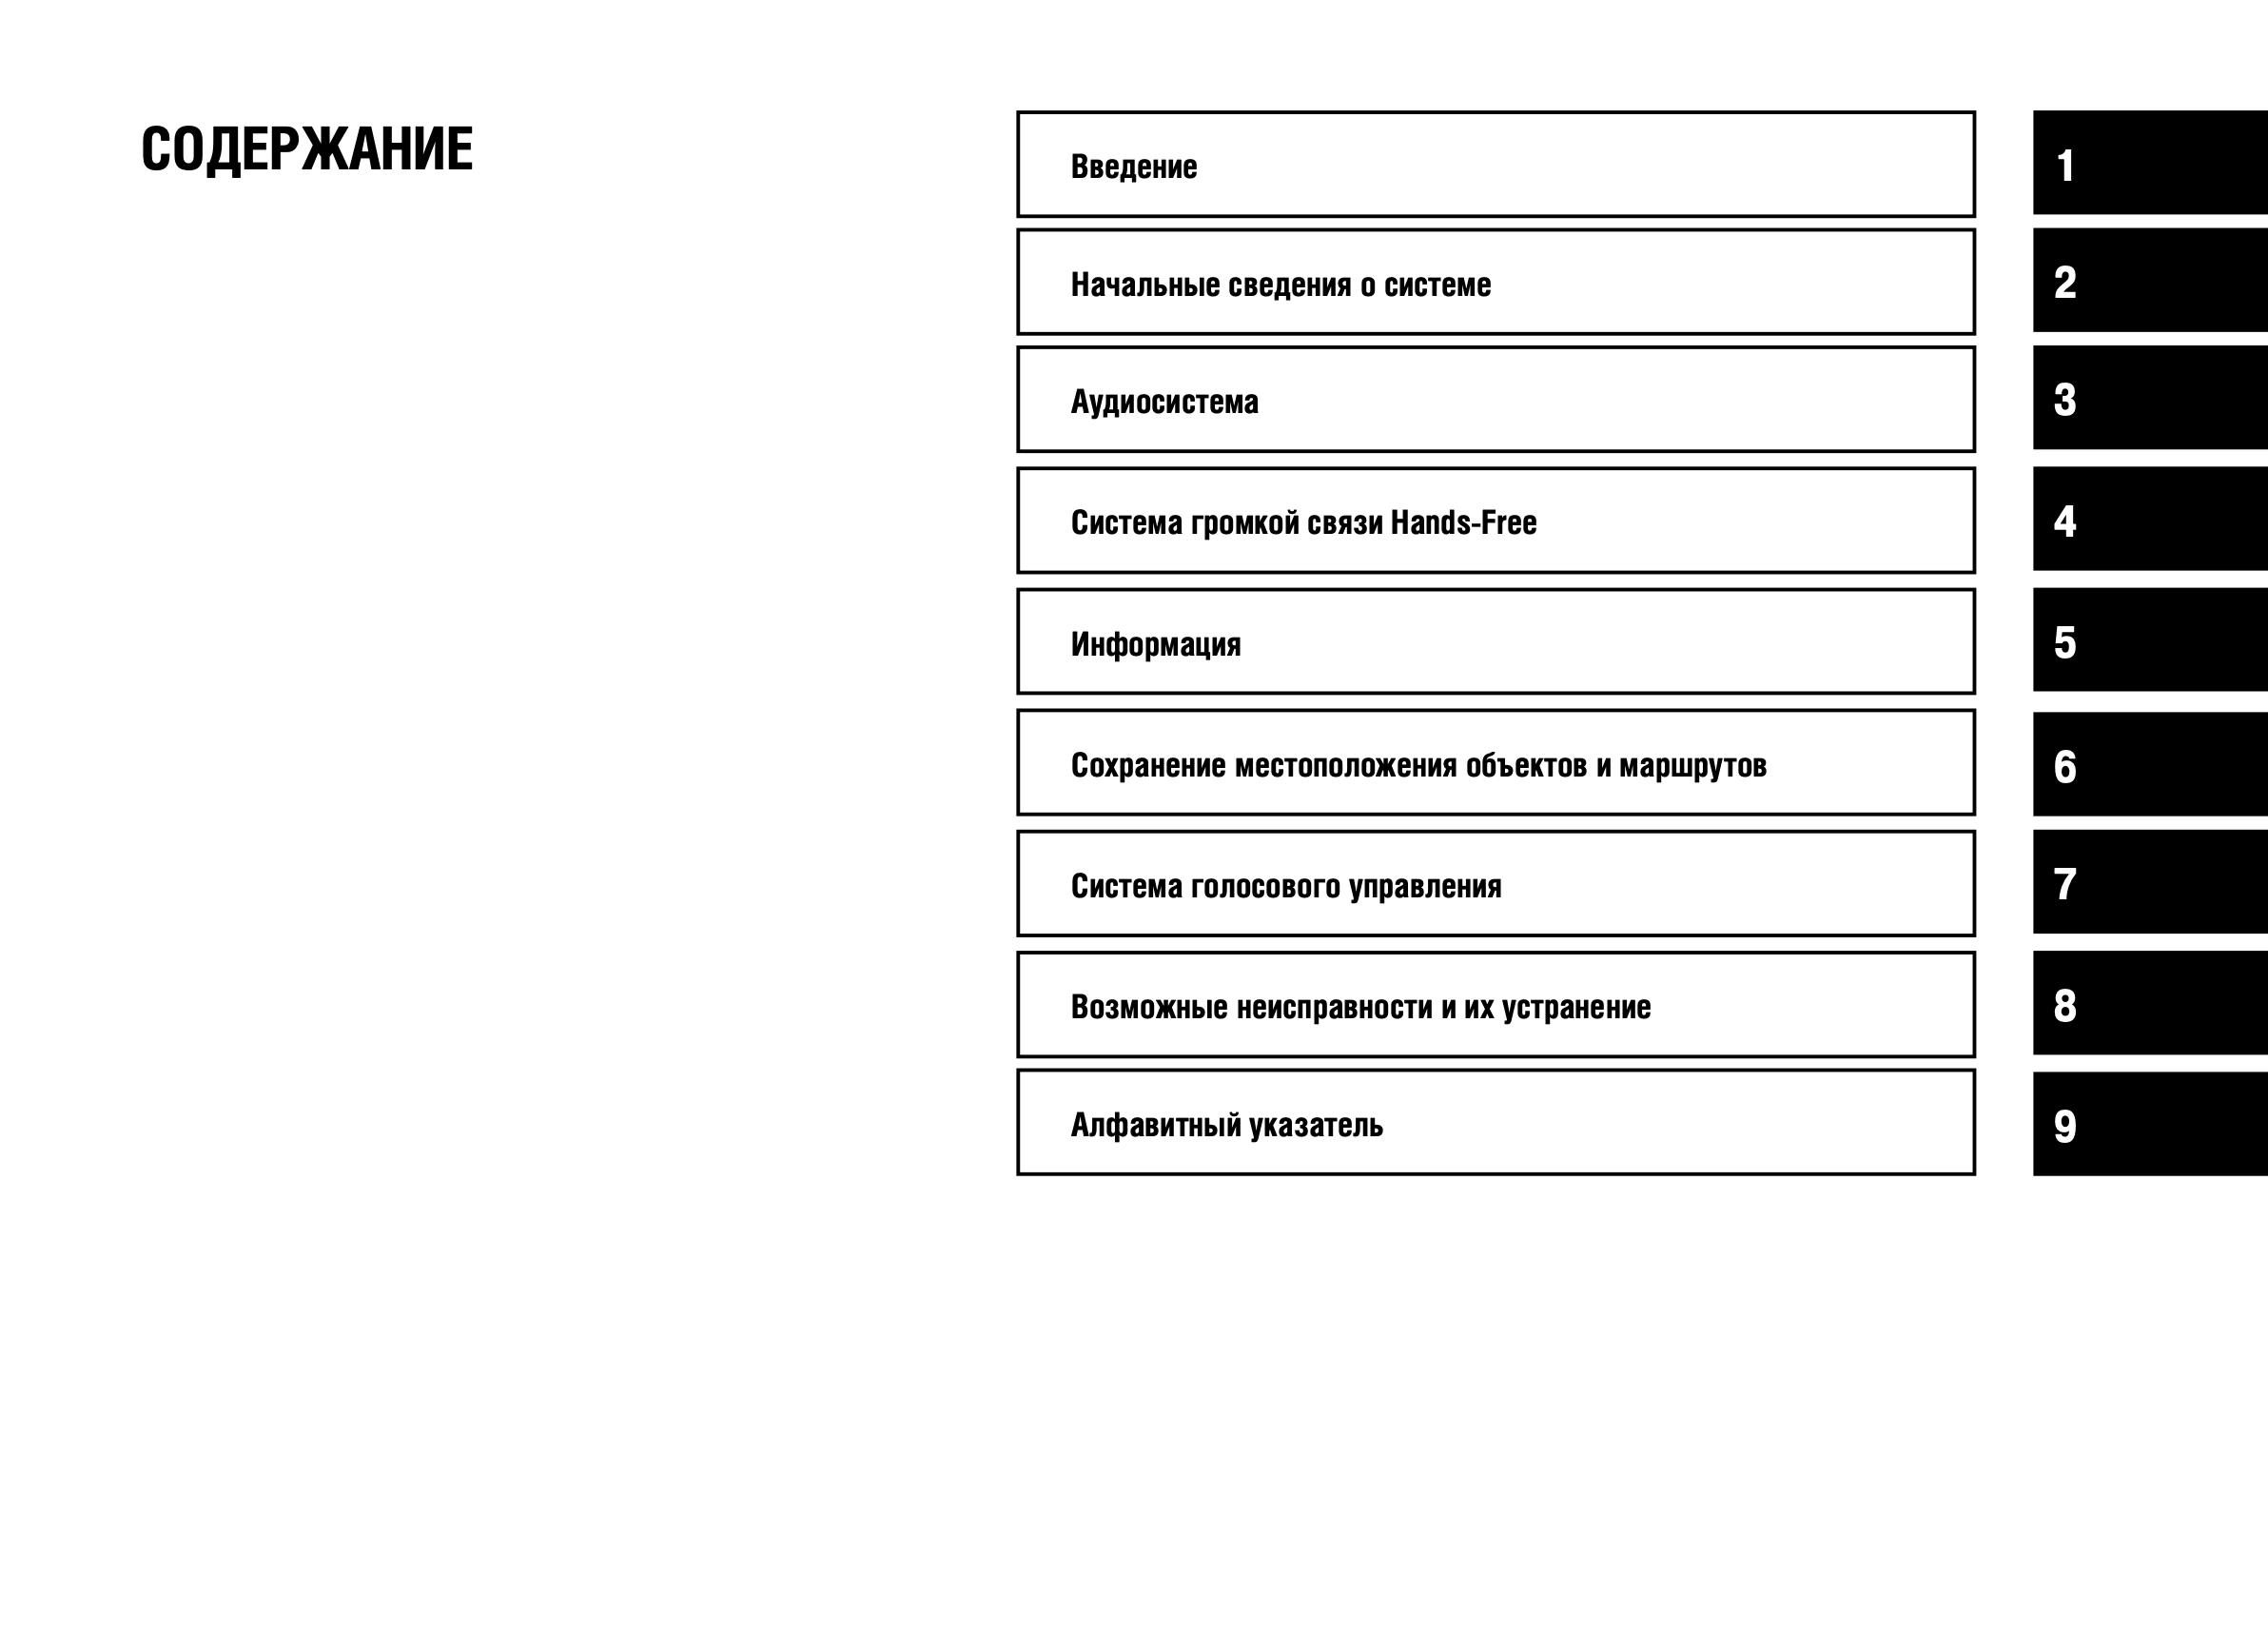 Инструкция по эксплуатации NissanConnect